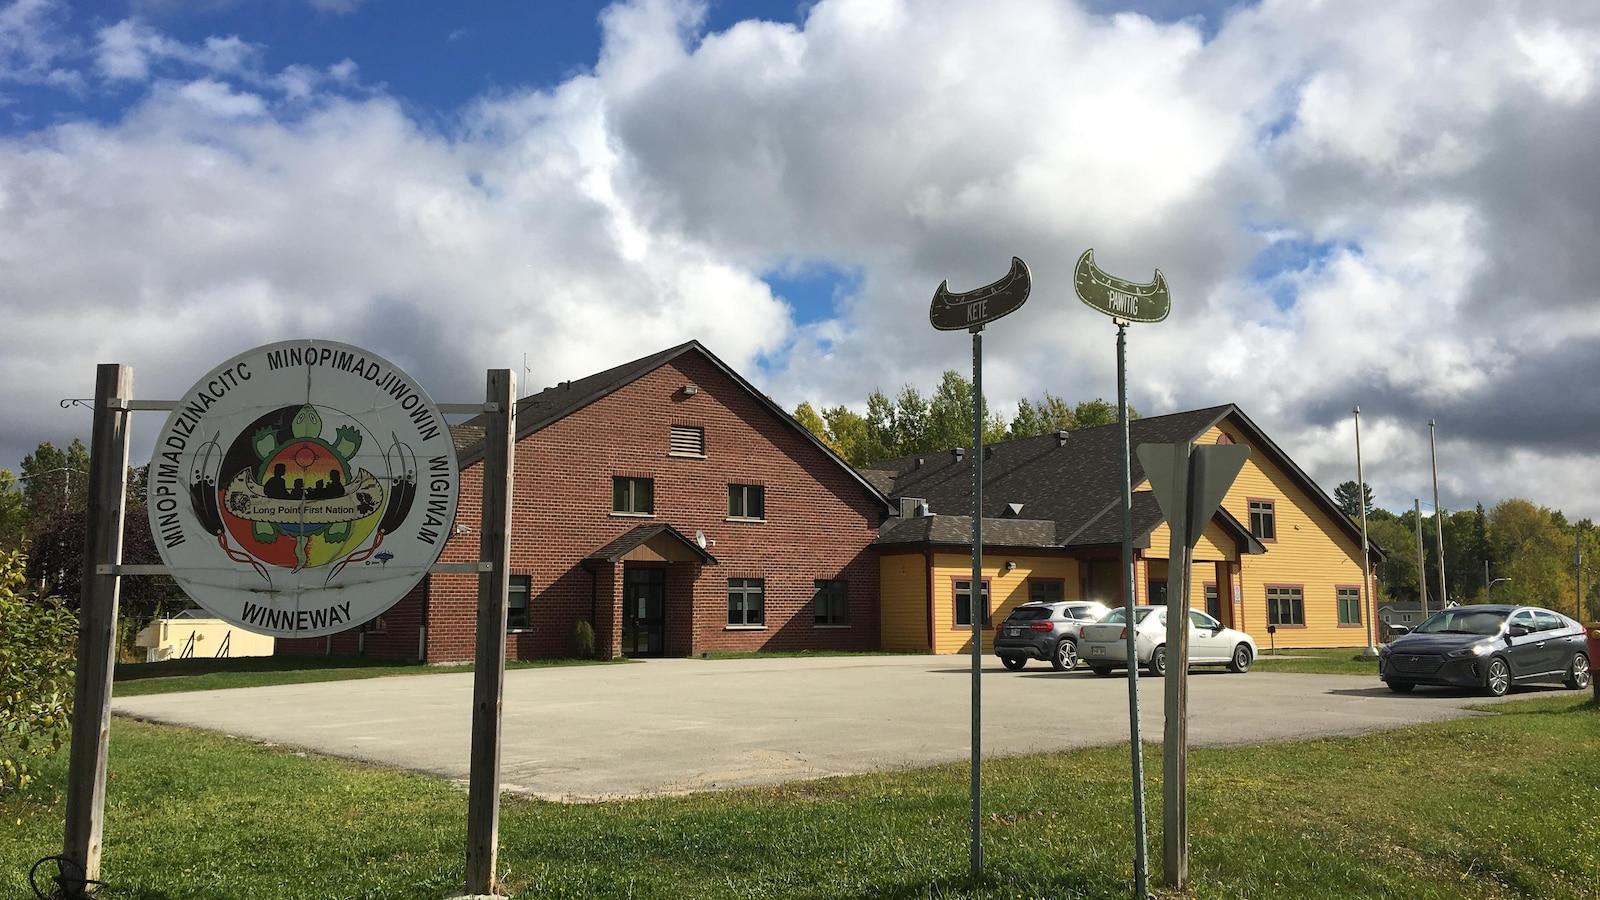 Pendant la semaine culturelle, presque toutes les institutions de Winneway sont fermées. Seul le centre de santé demeure ouvert en cas d'urgence.